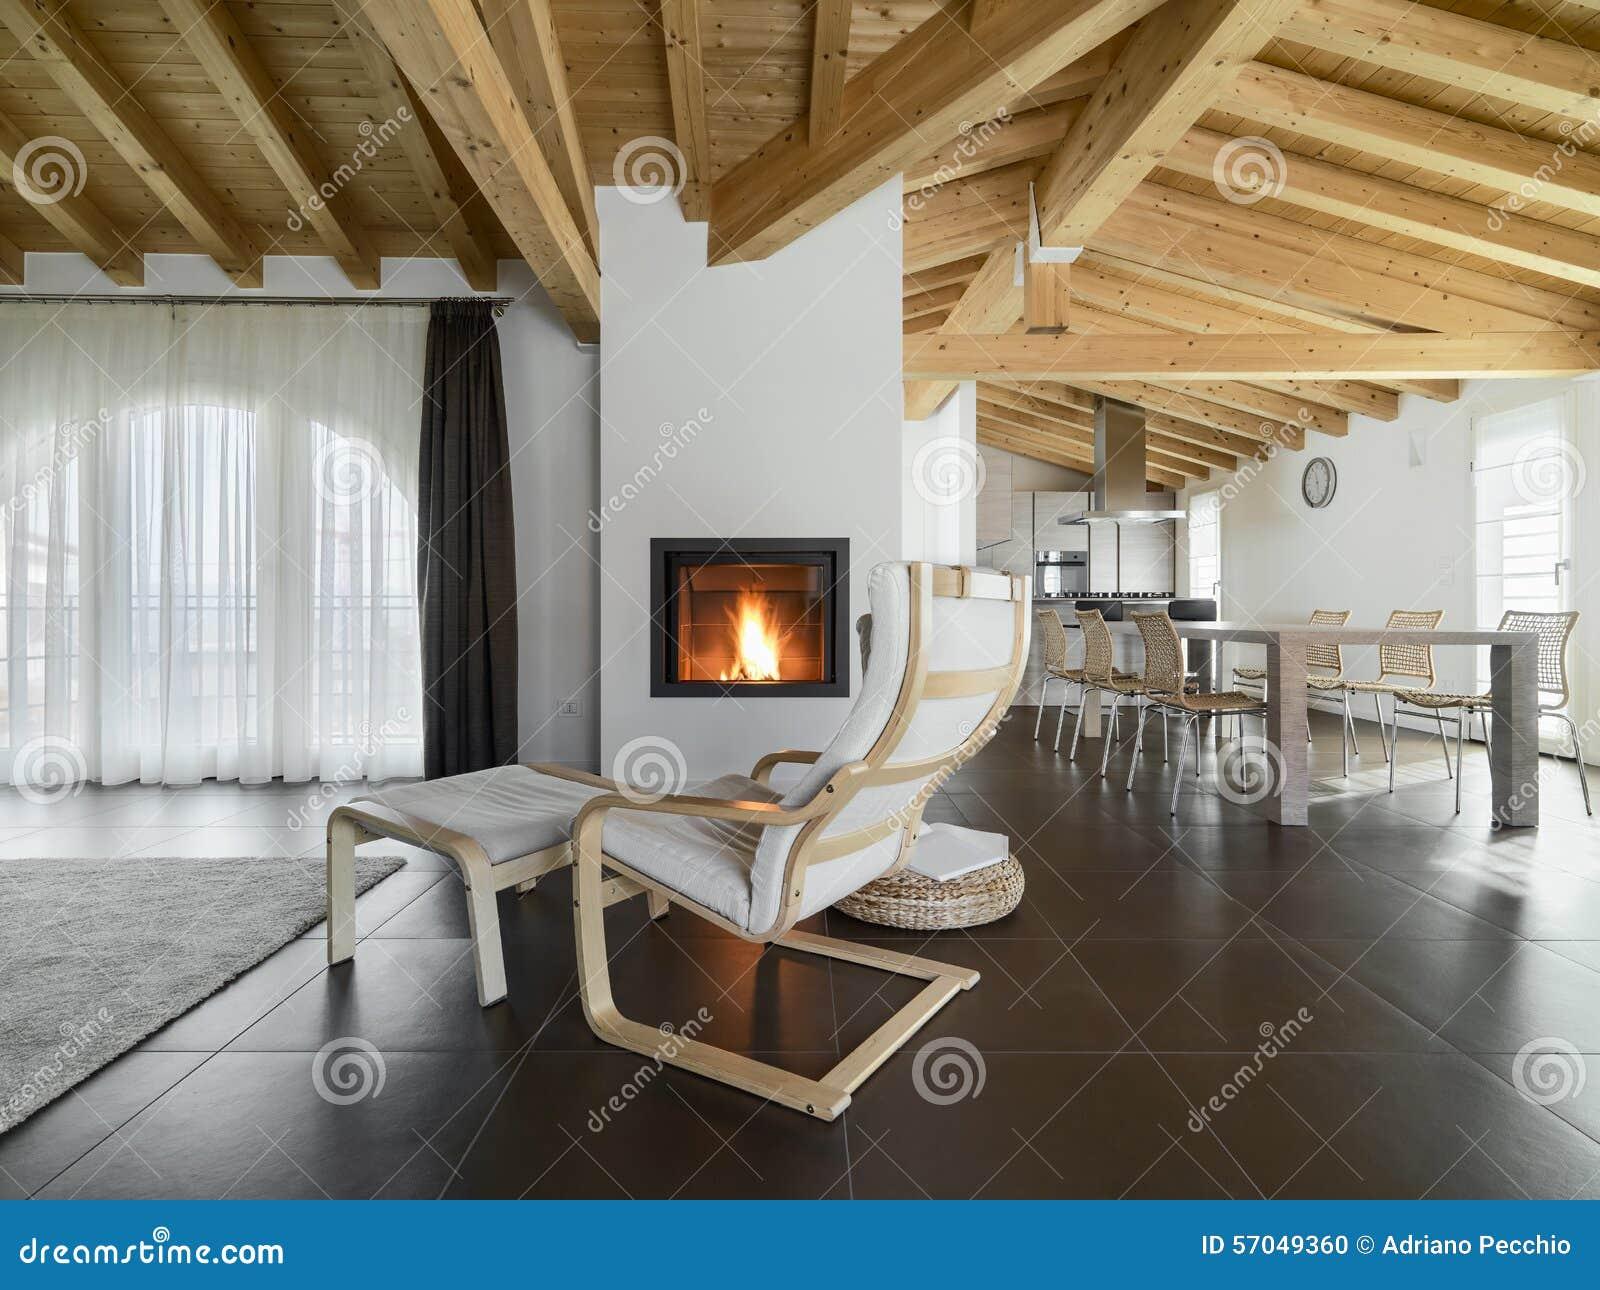 liege nahe zum kamin in einem wohnzimmer stockfoto bild von niemand haus 57049360. Black Bedroom Furniture Sets. Home Design Ideas